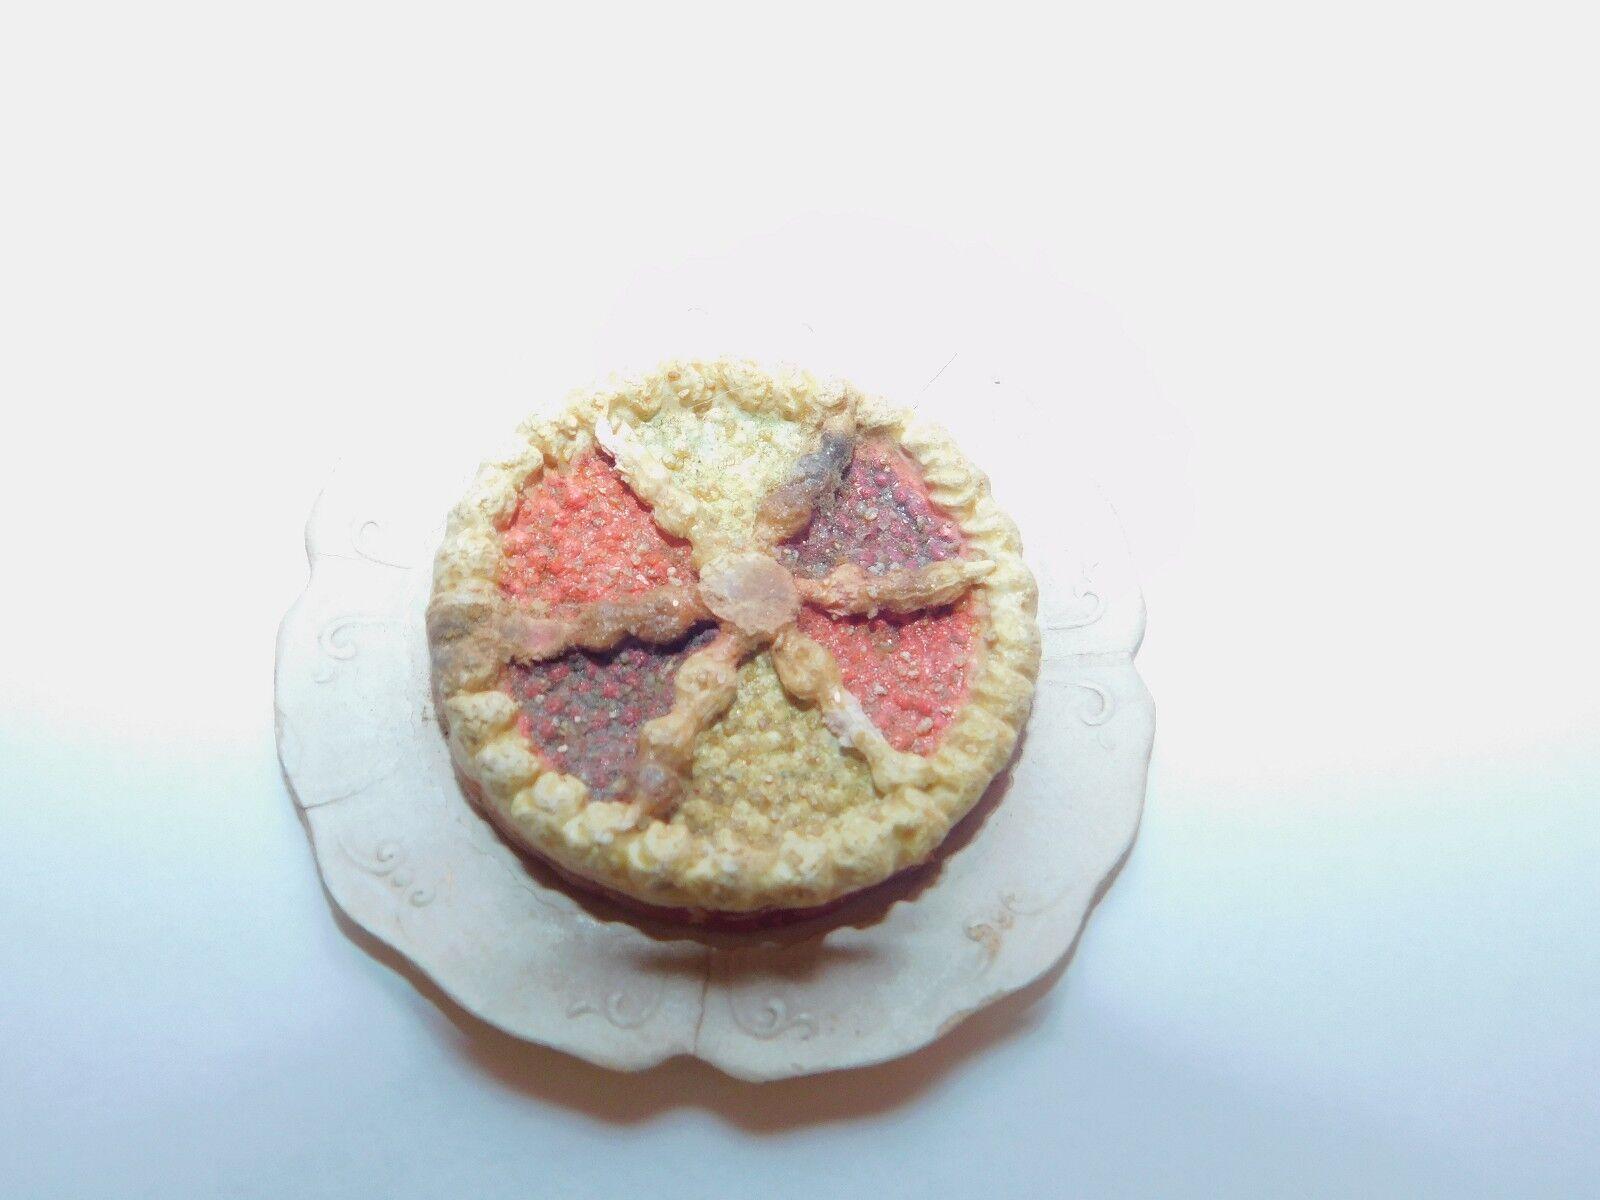 mejor servicio Placa Antigua Antigua Antigua Muñeca Casa De Muñecas en Miniatura Fruta Comida Mezclado Berry tarta de cerámica de papel  descuento de ventas